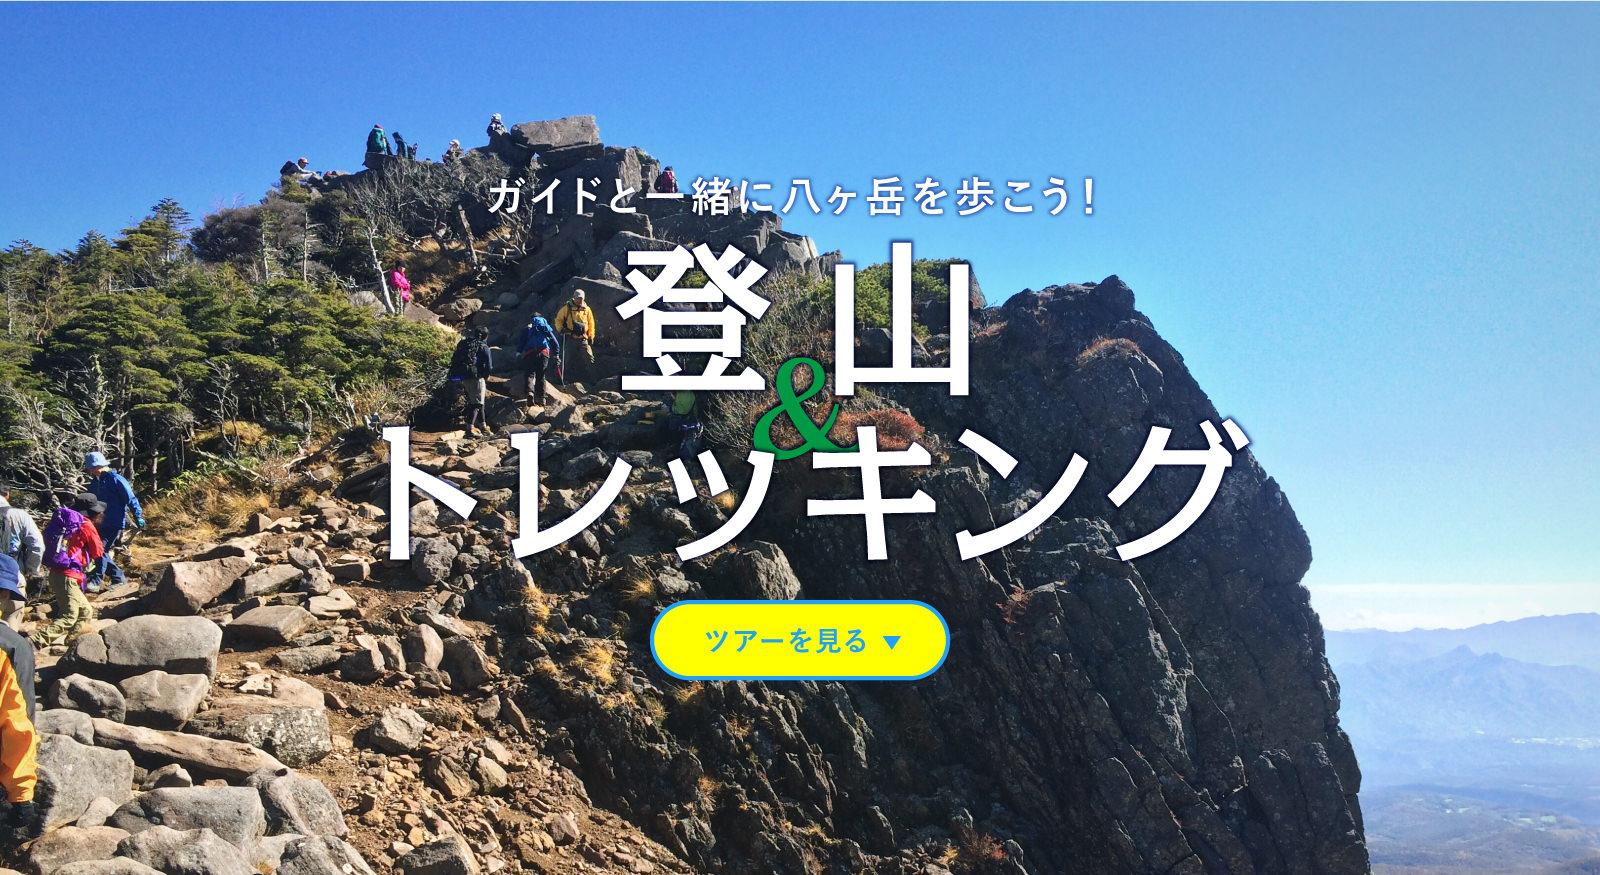 ガイドと一緒に八ヶ岳を歩こう! 登山&トレッキング